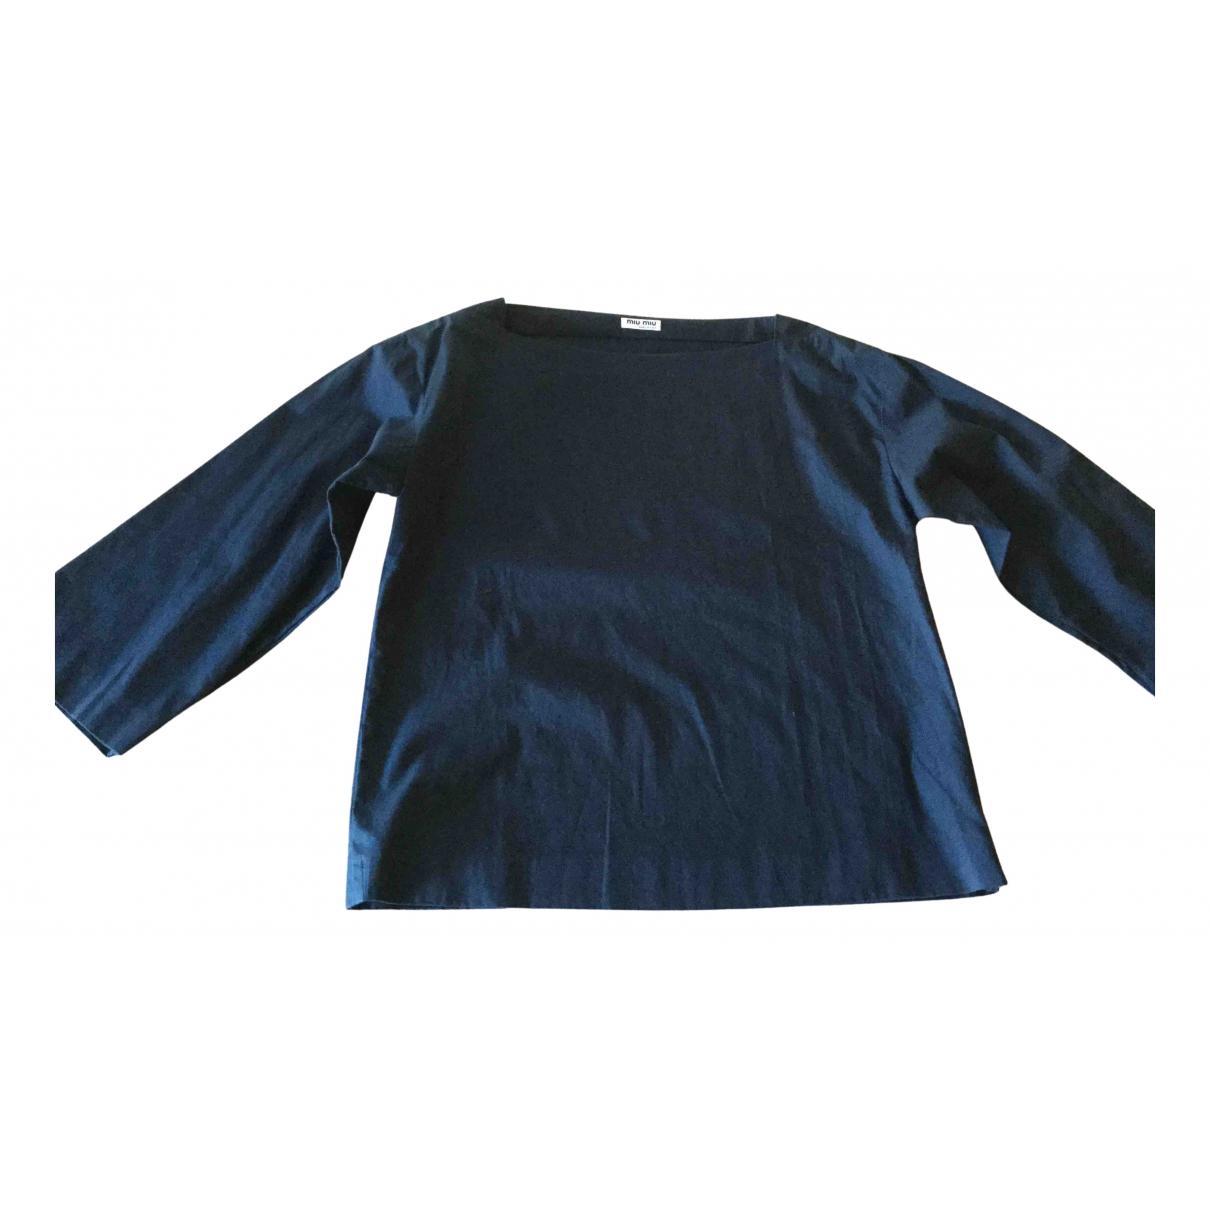 Miu Miu \N Blue Cotton  top for Women 42 IT